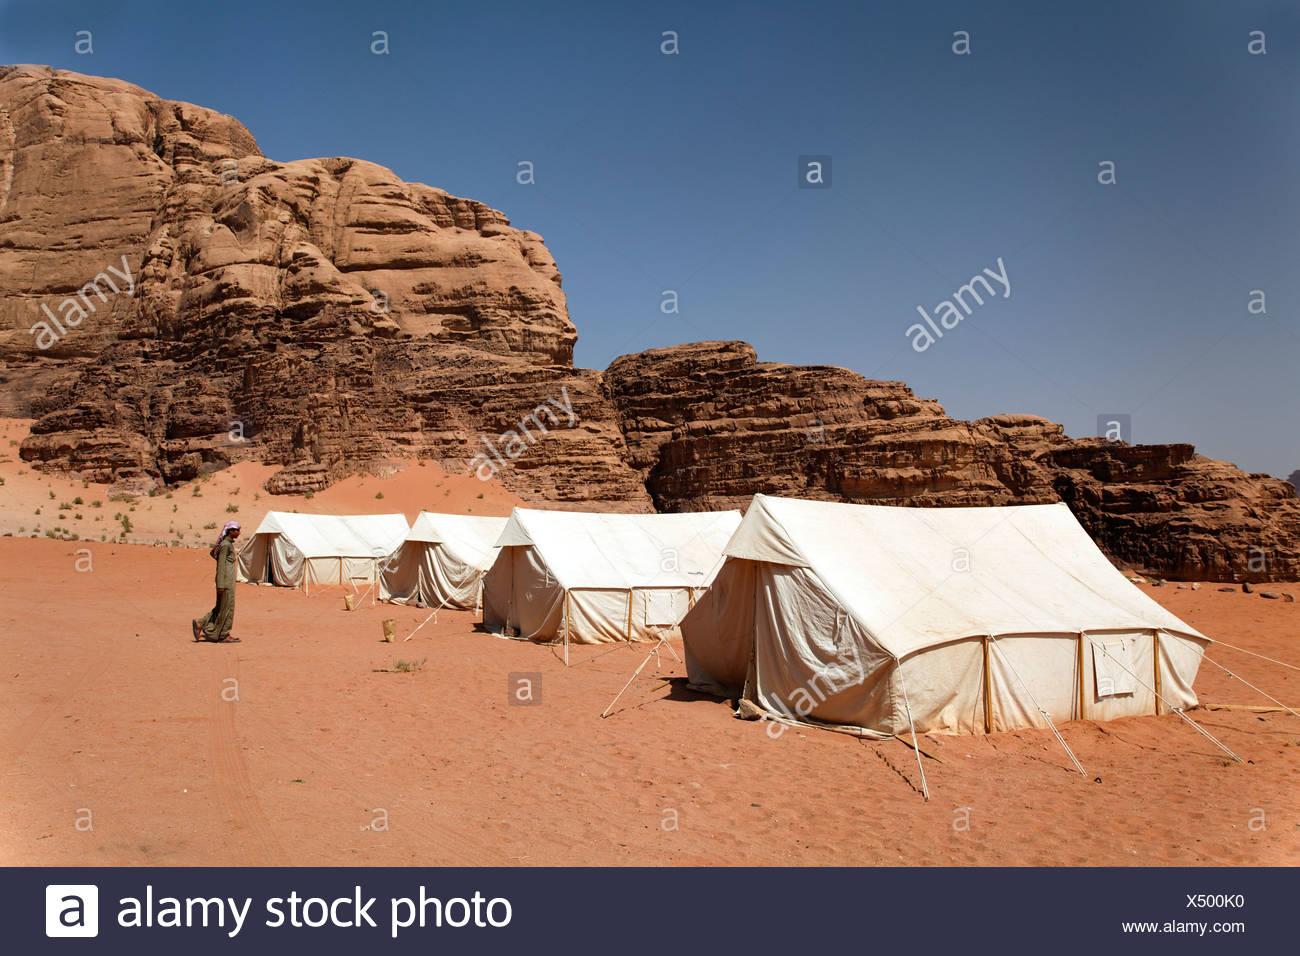 Camp pour les touristes, tentes, Bédouins, montagnes, désert, nature préservée, Wadi Rum, Royaume hachémite de Jordanie, Moyen-Orient, Asie Photo Stock